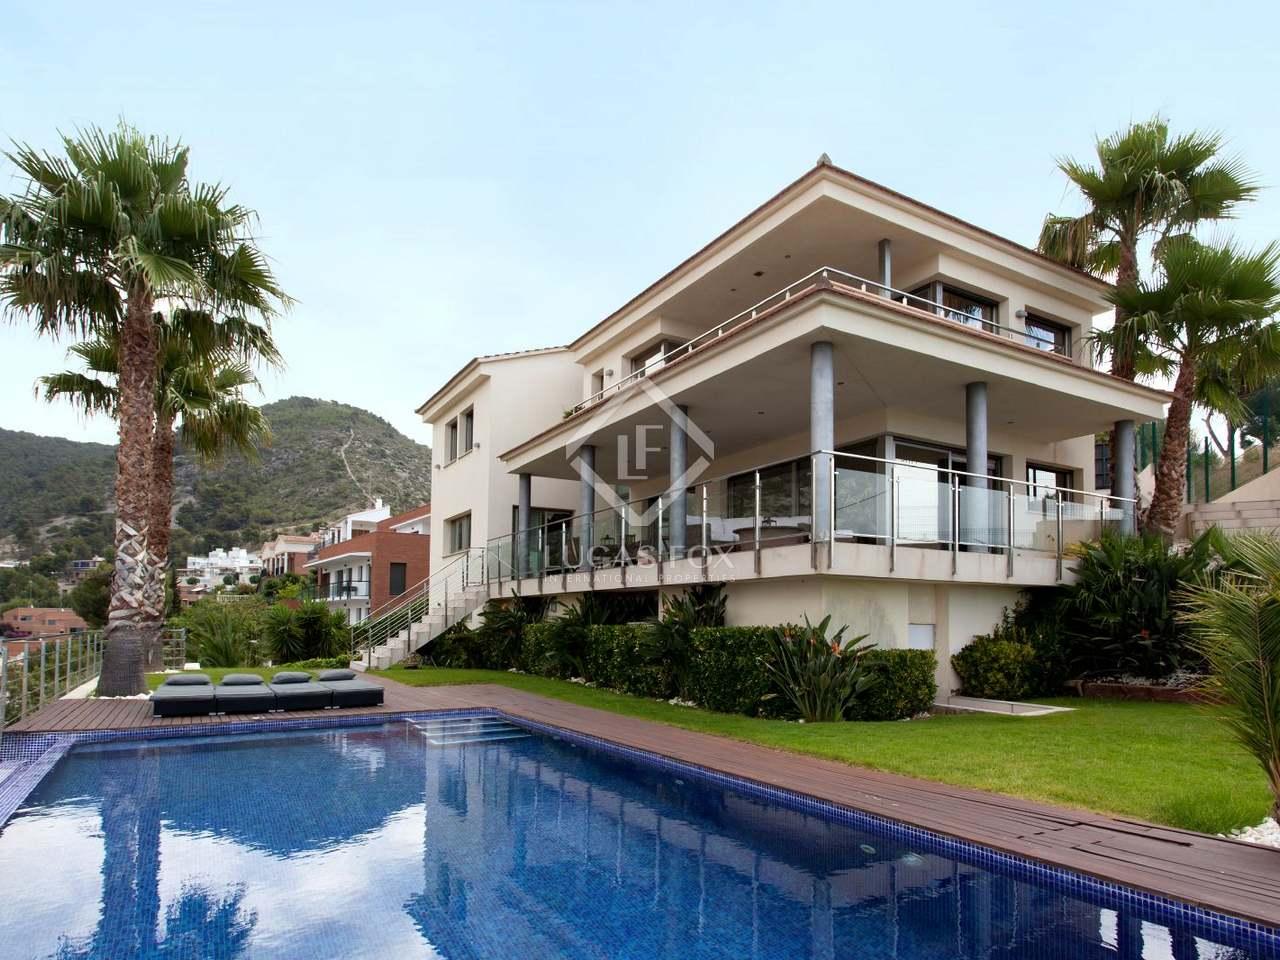 Villa moderna en venta en montgavina sitges for Plan villa style americain gratuit